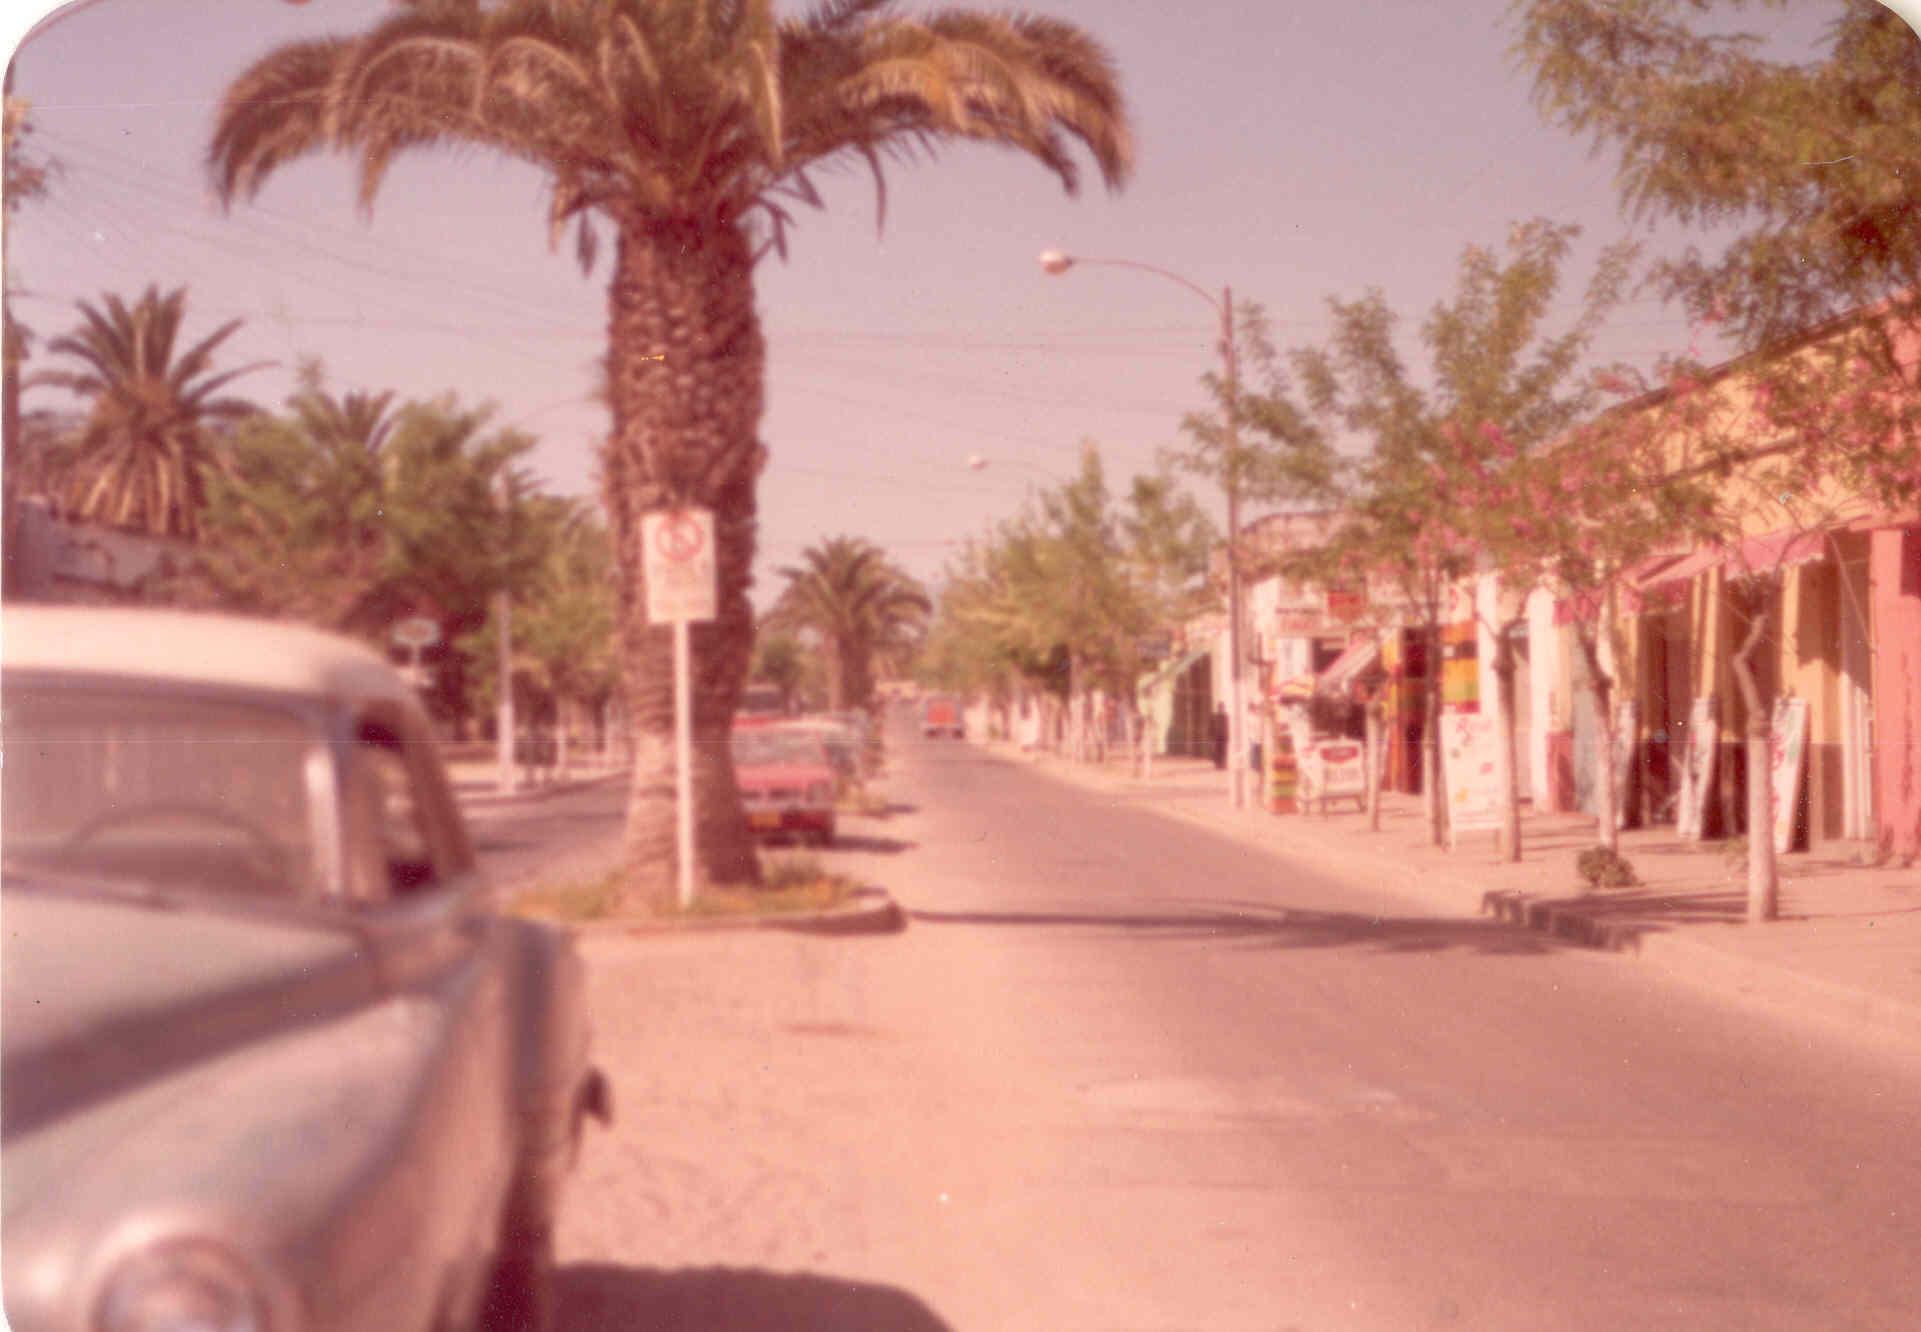 Enterreno - Fotos históricas de chile - fotos antiguas de Chile - Melipilla 1980